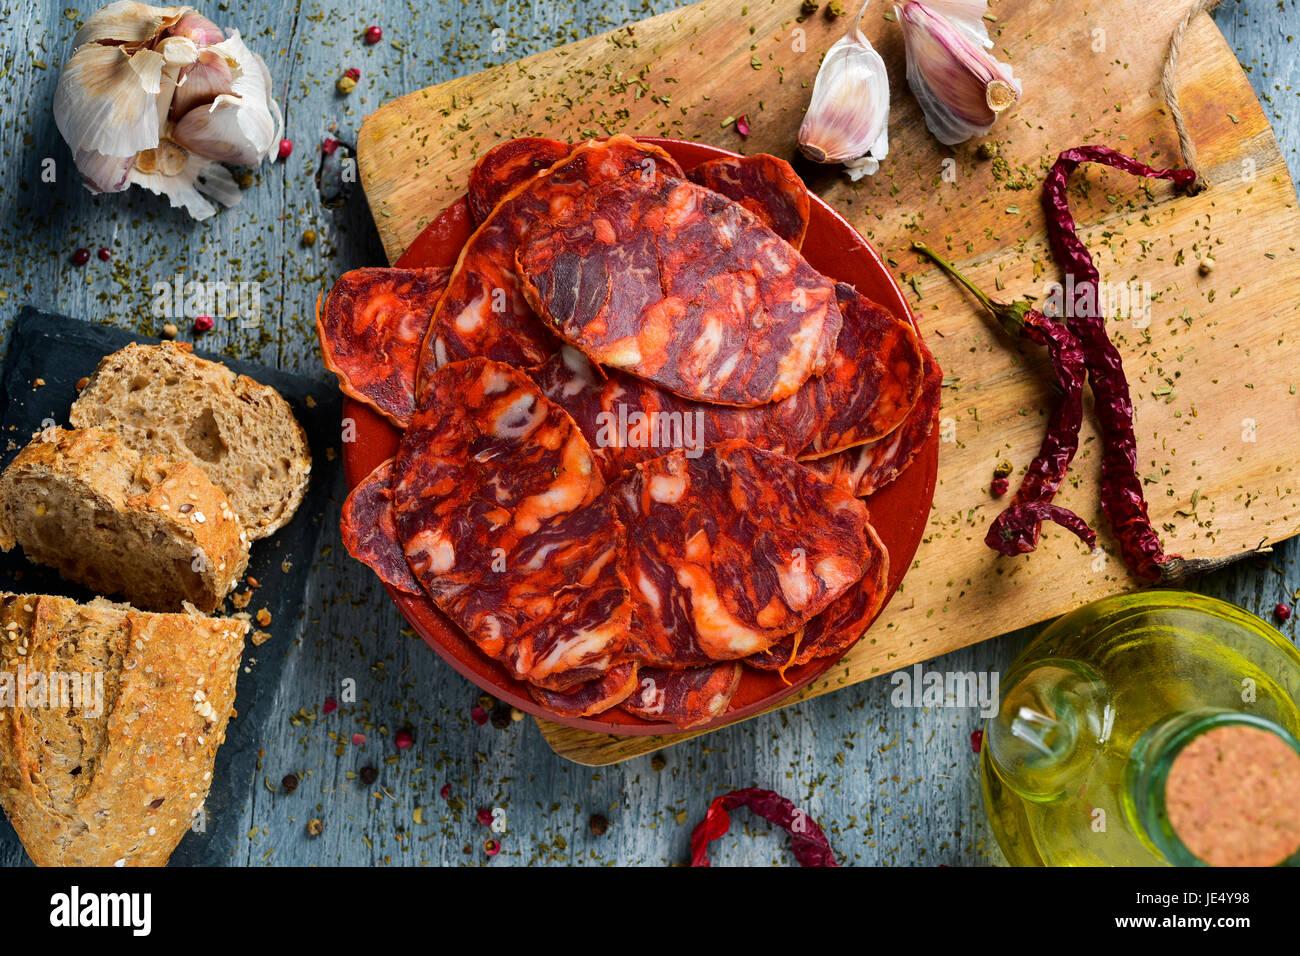 Capture d'un grand angle d'une plaque en terre cuite avec quelques tranches de chorizo espagnol, saucisse Photo Stock